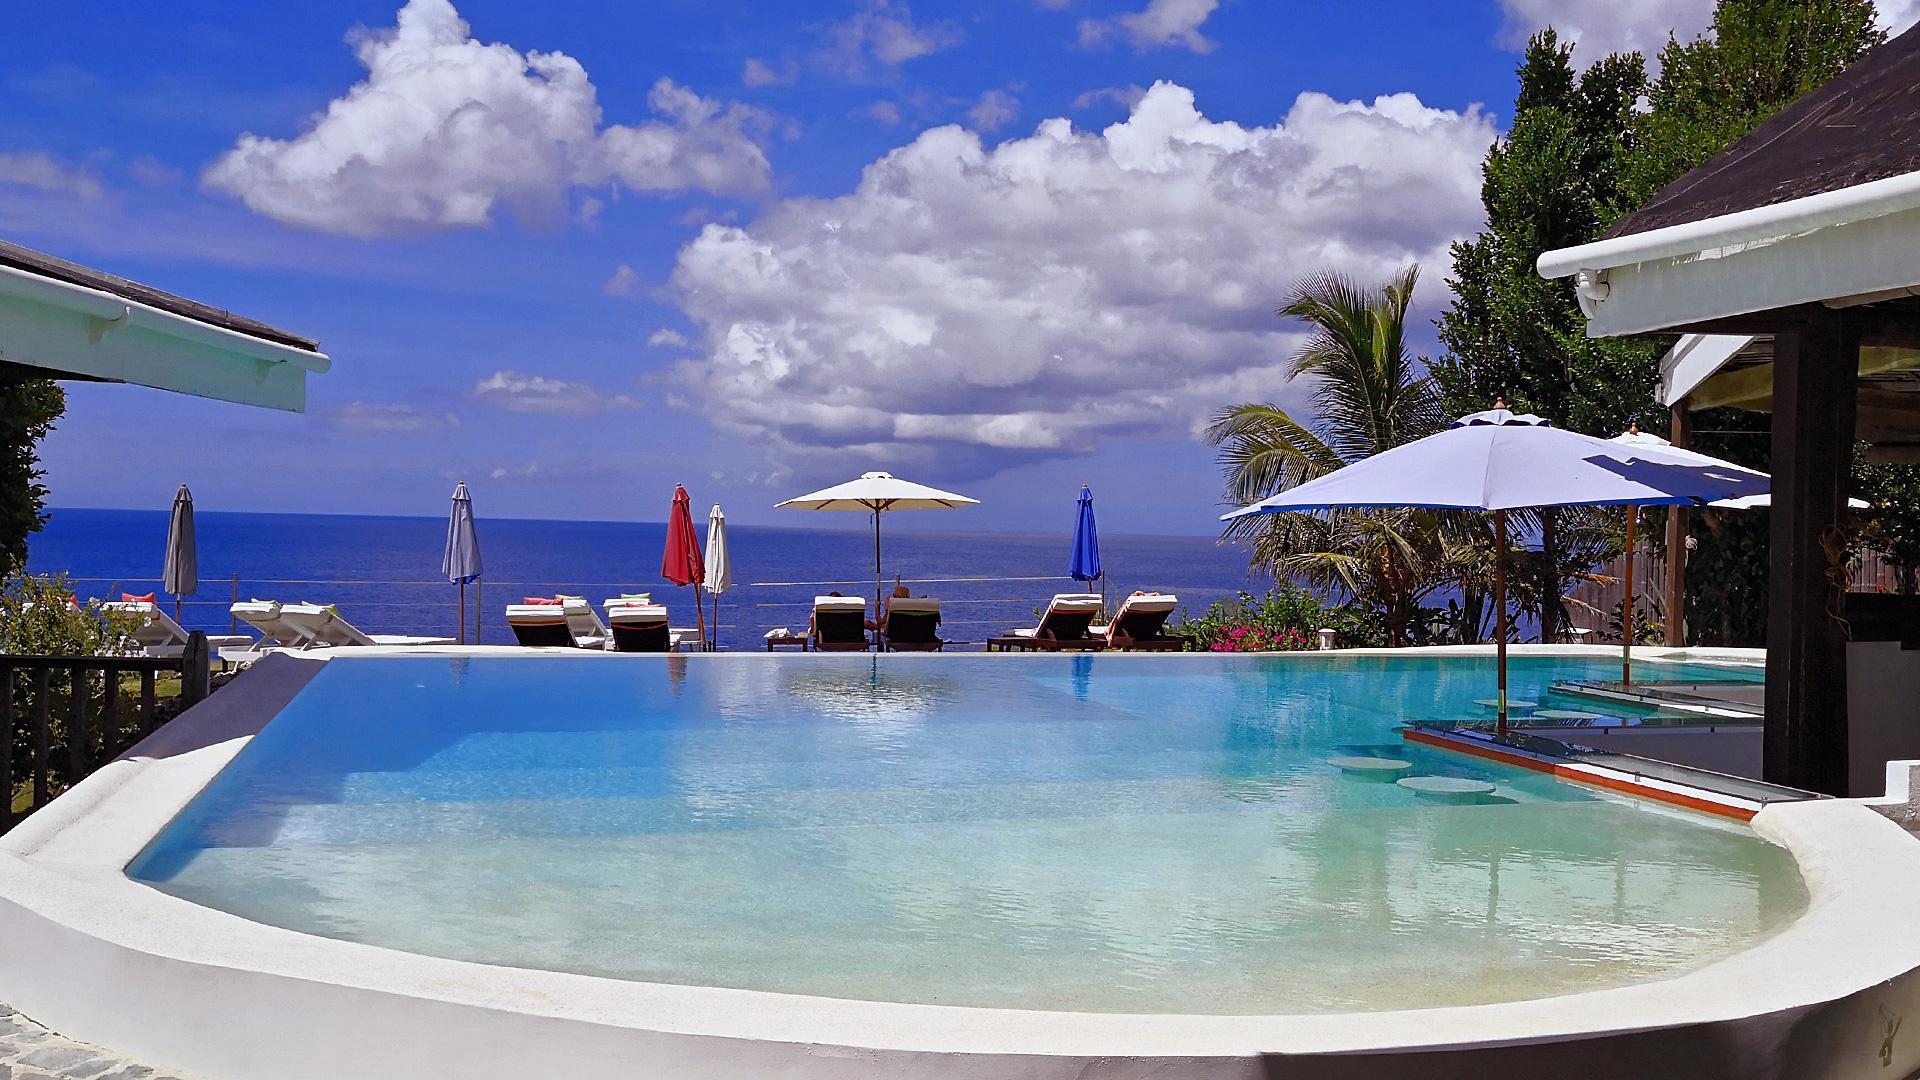 Kawayan Holiday Resort, San Juan